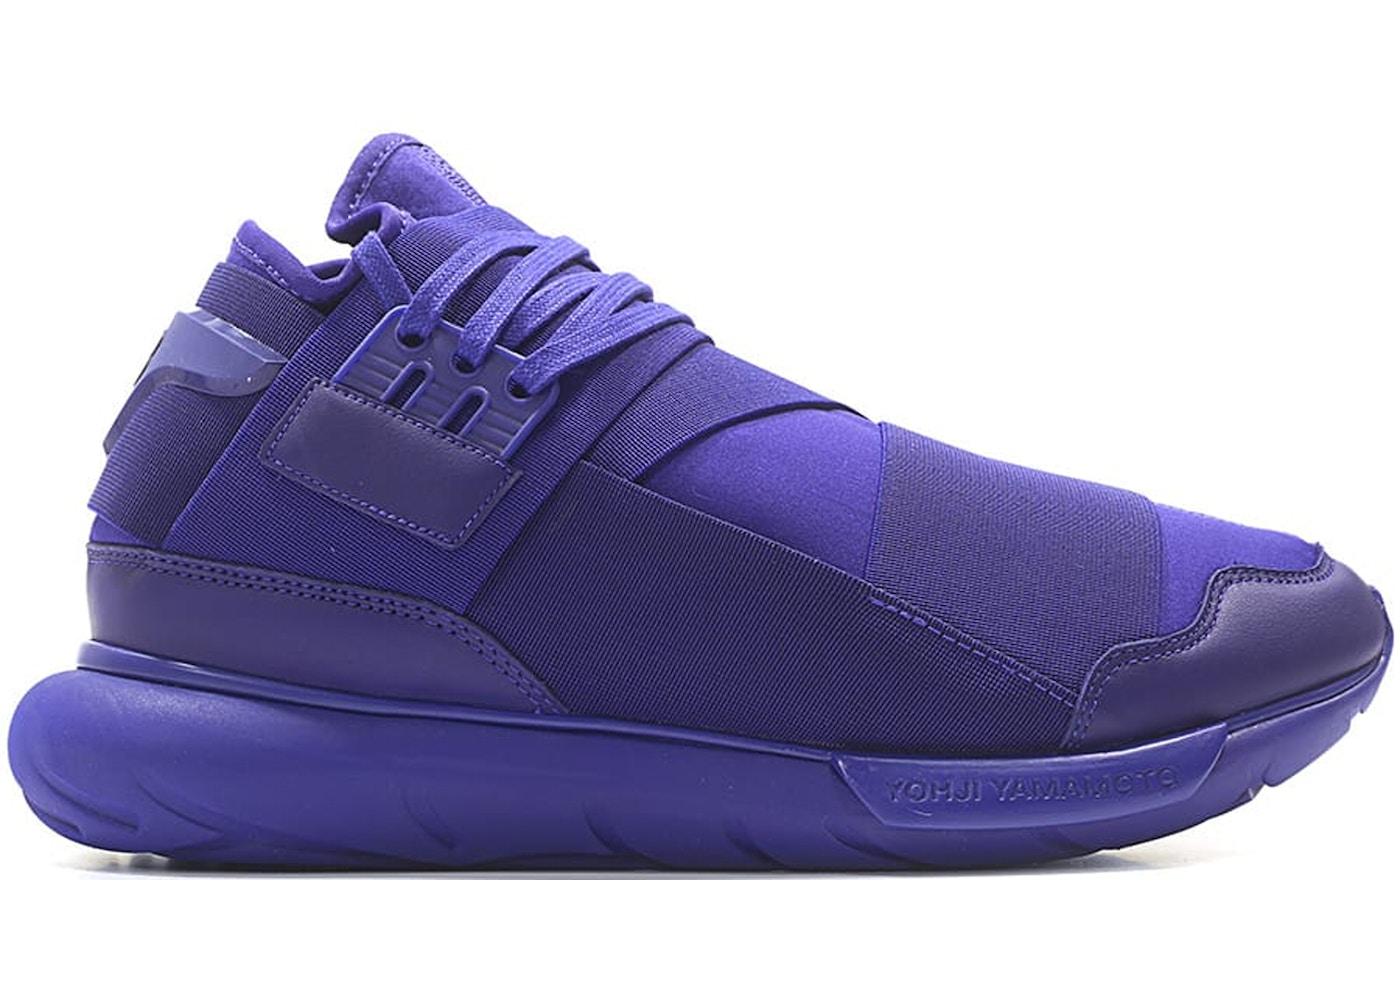 9996d9865 adidas Y-3 Qasa High Dark Blue - S82124